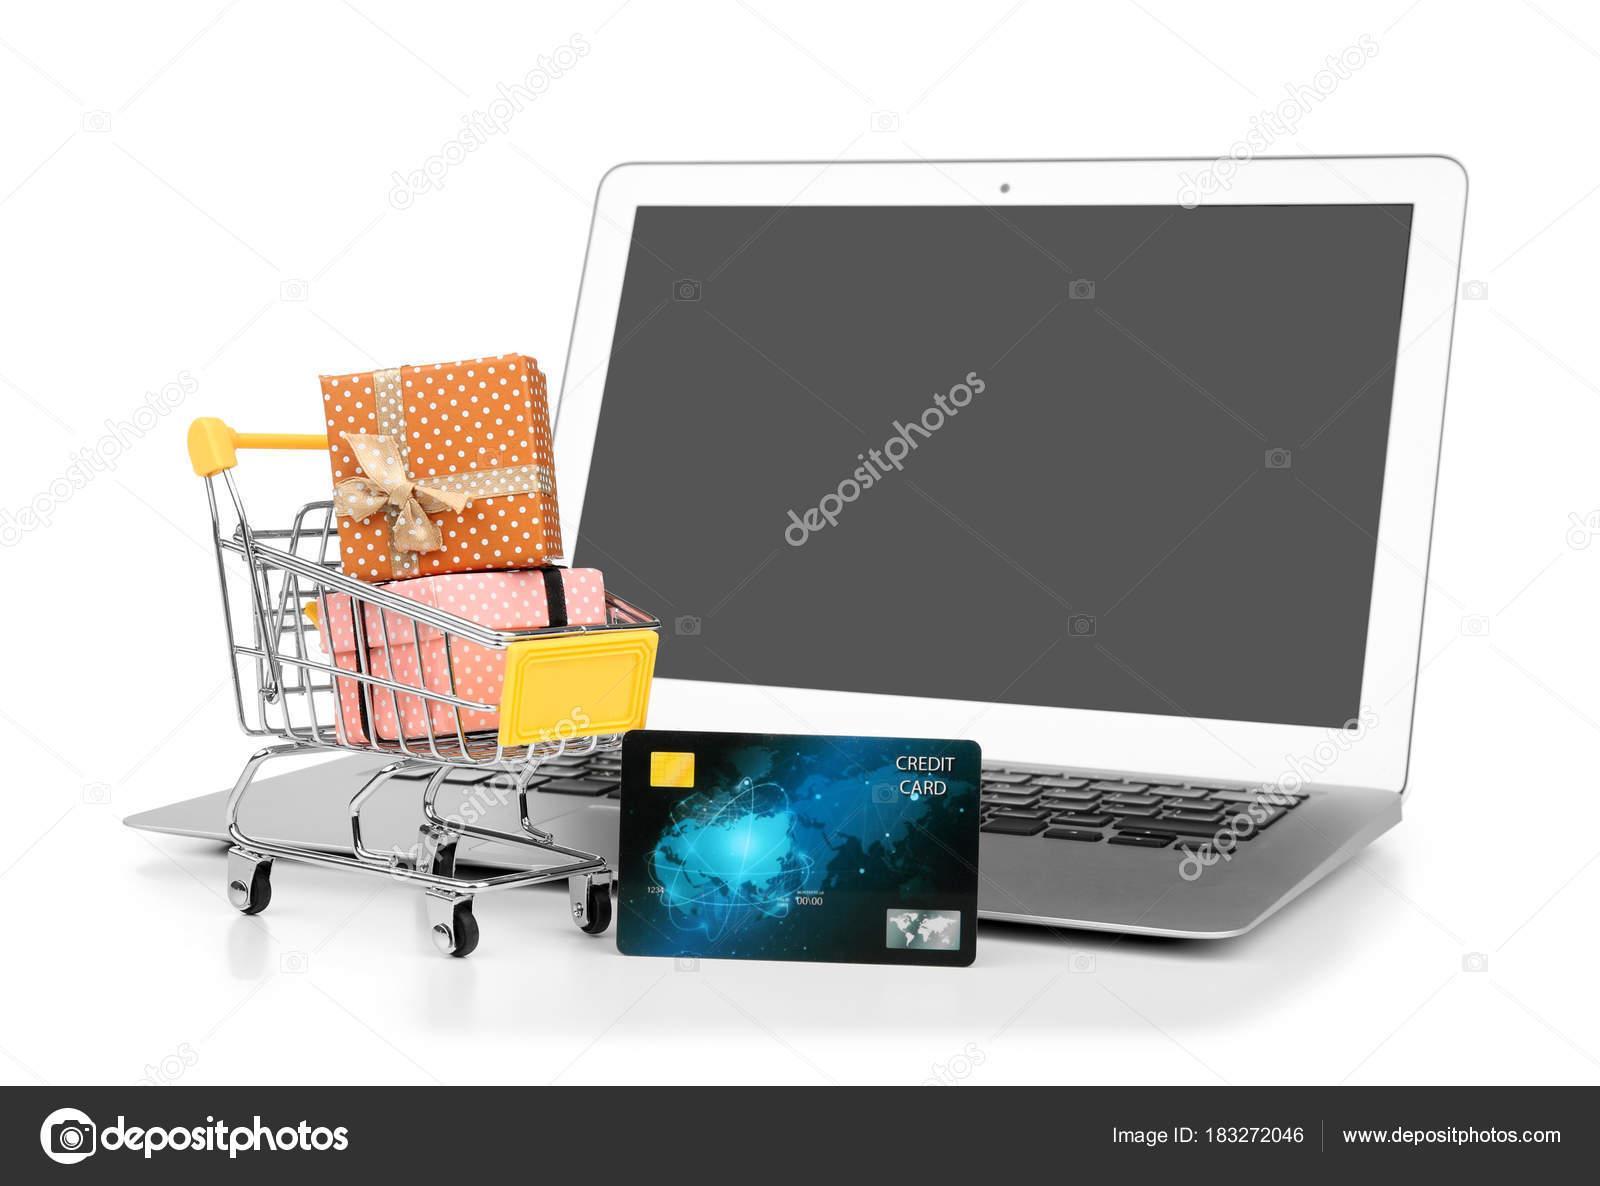 710b8eefd72257 Computer portatile, carta di credito e piccolo carrello con scatole regalo  su priorità bassa bianca. Concetto di acquisto del Internet– immagine stock